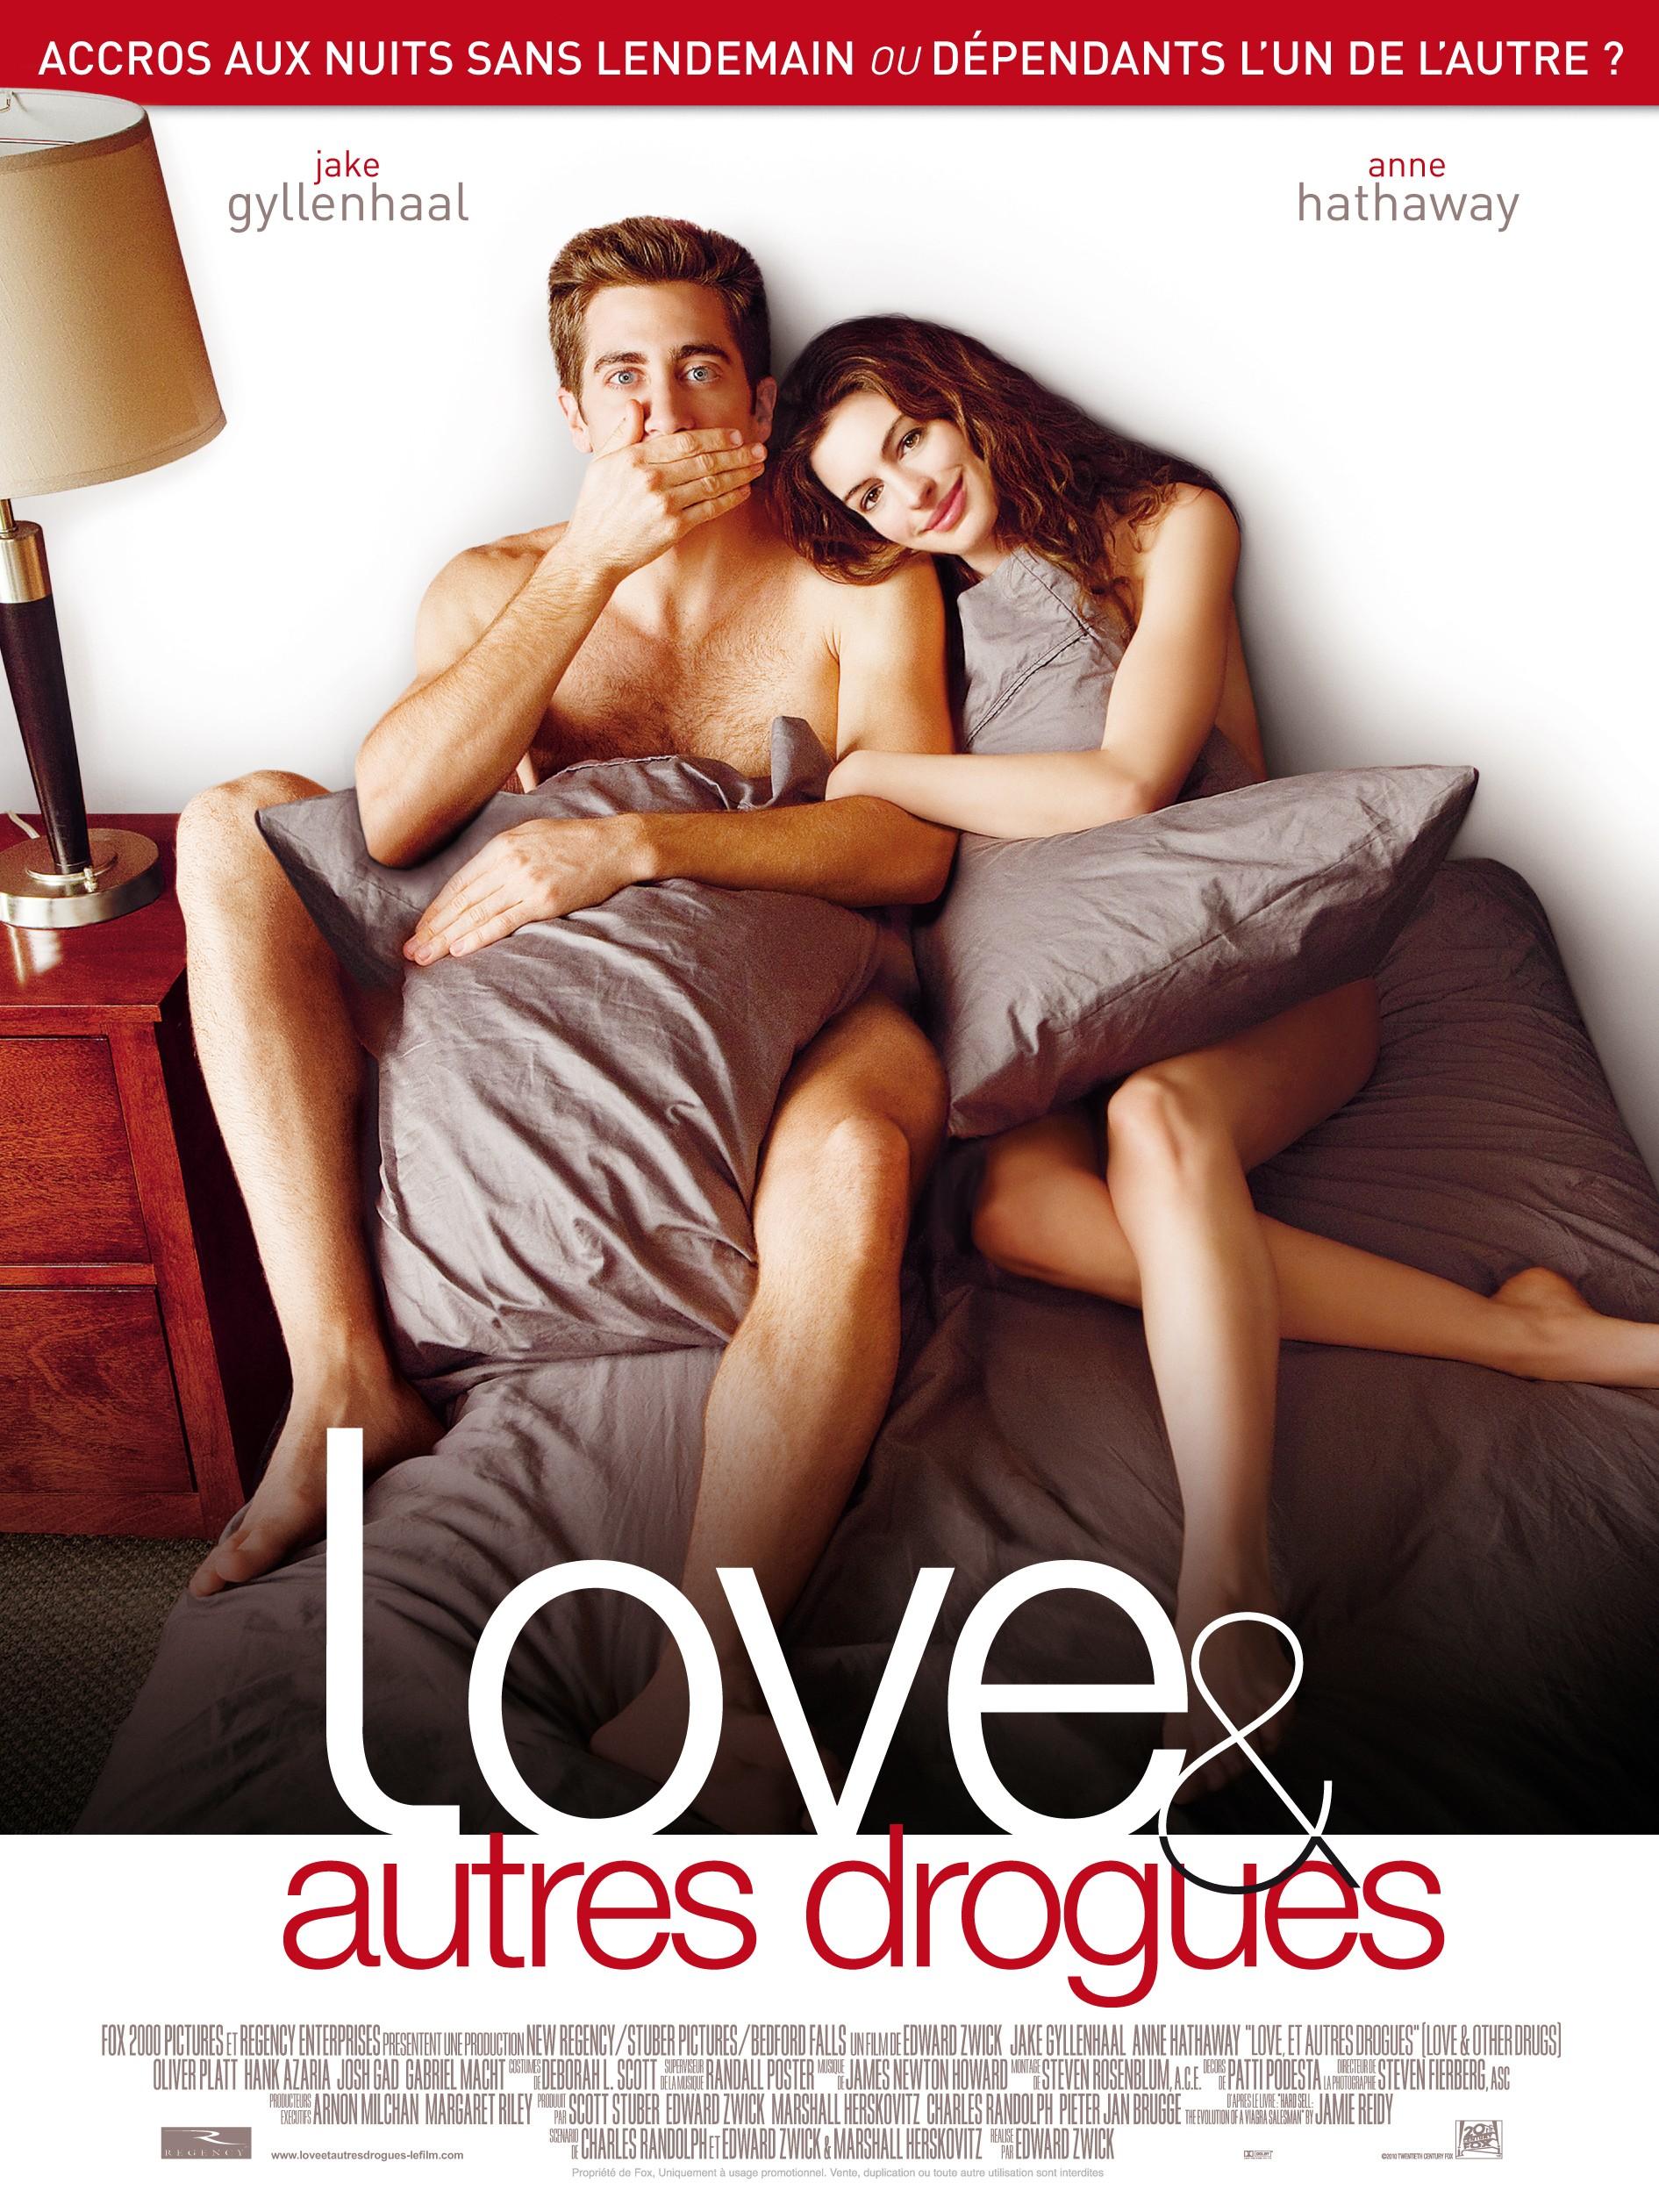 Love et autres drogues [FRENCH|BRRip|AC3]